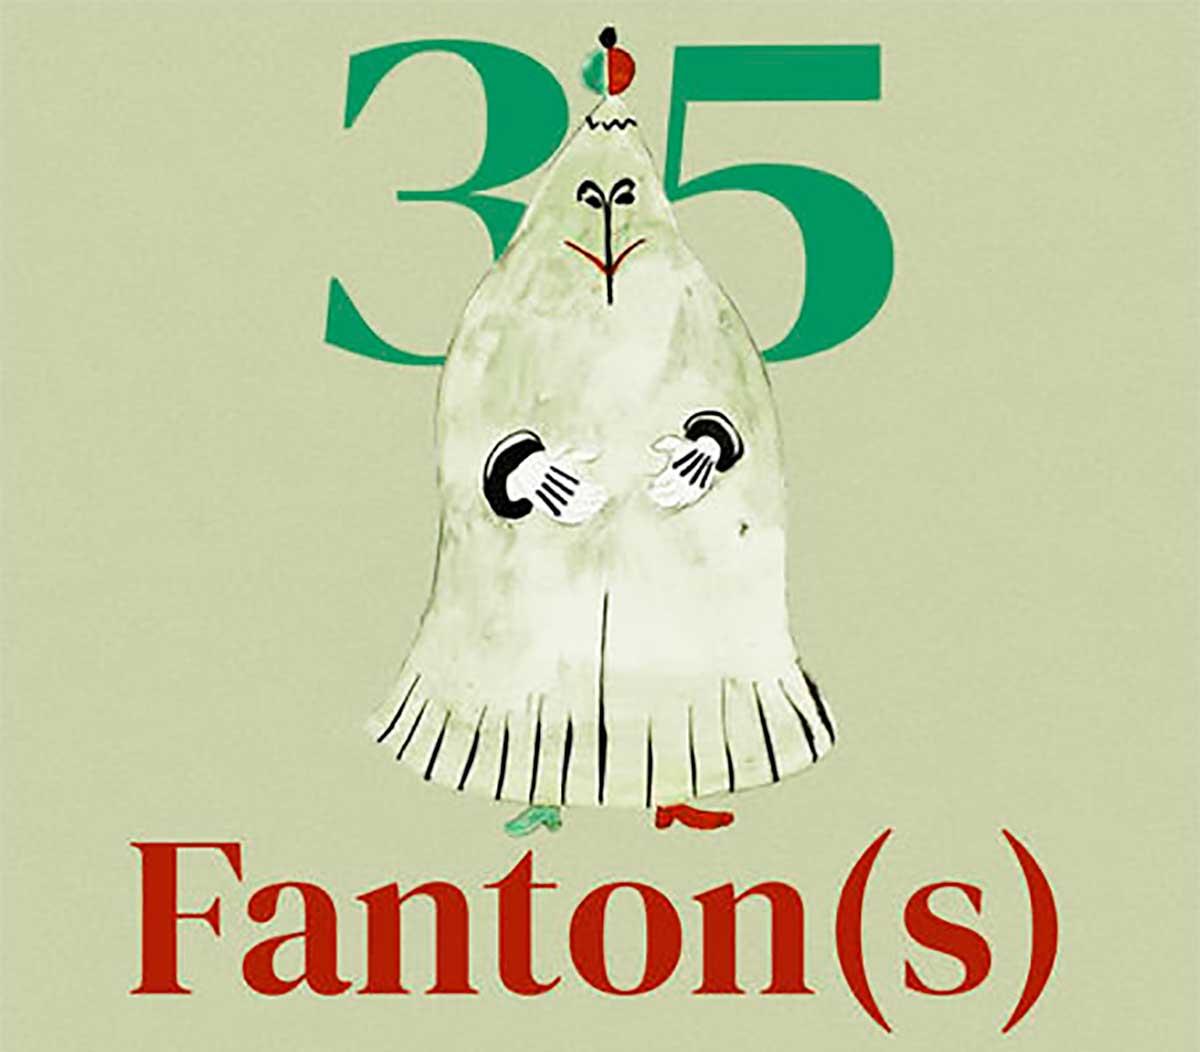 35 FANTON(S)